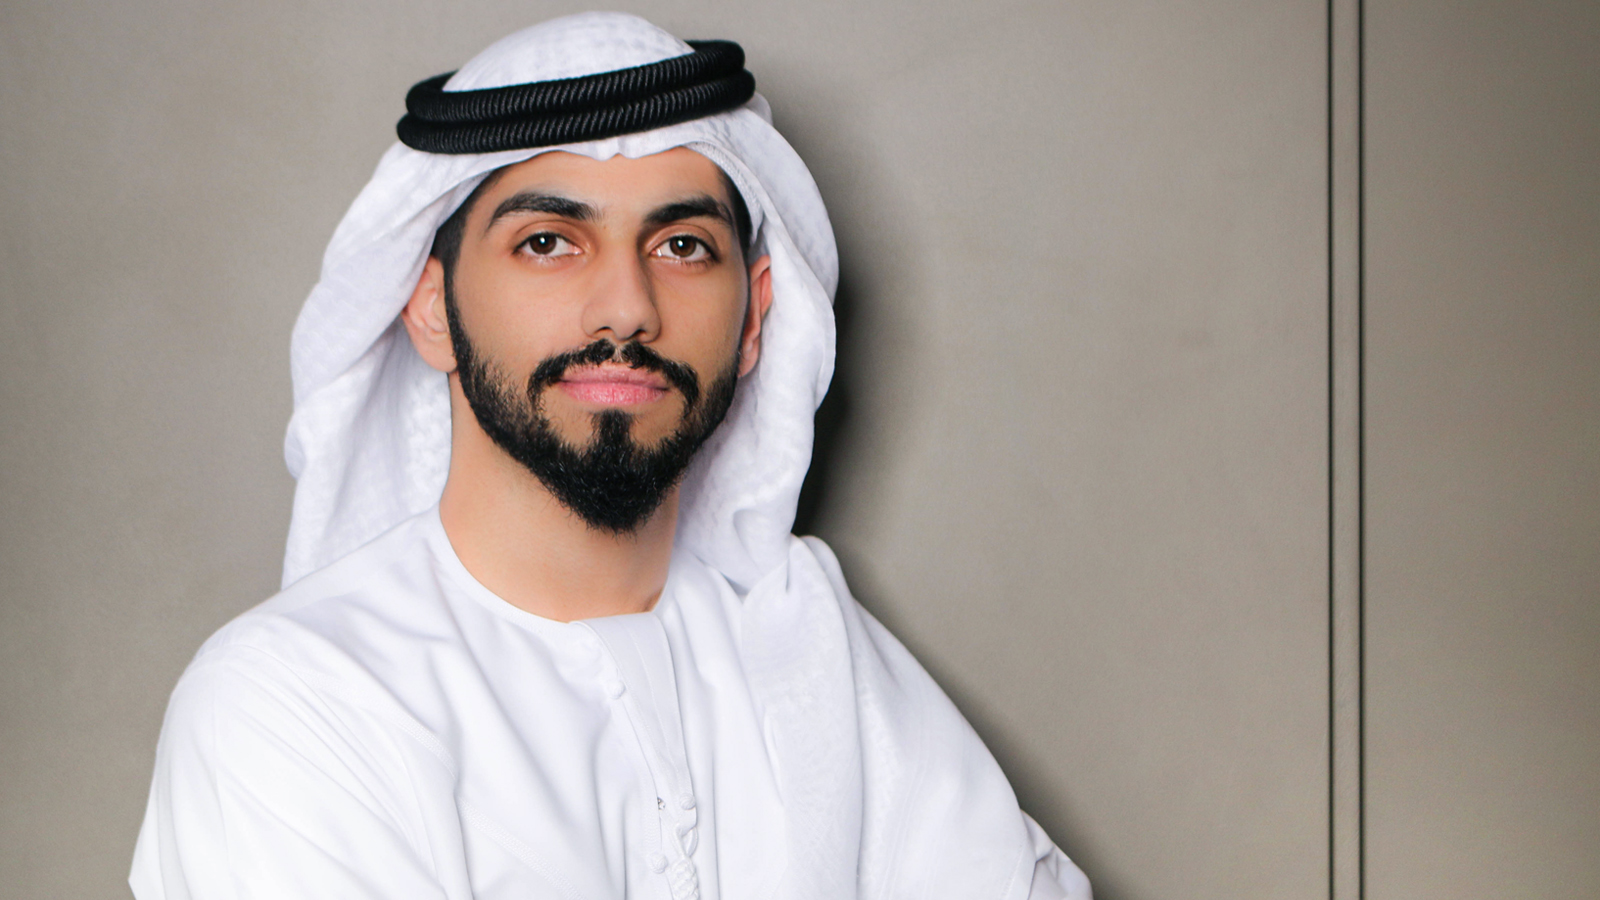 Mohamad Al Shehhi